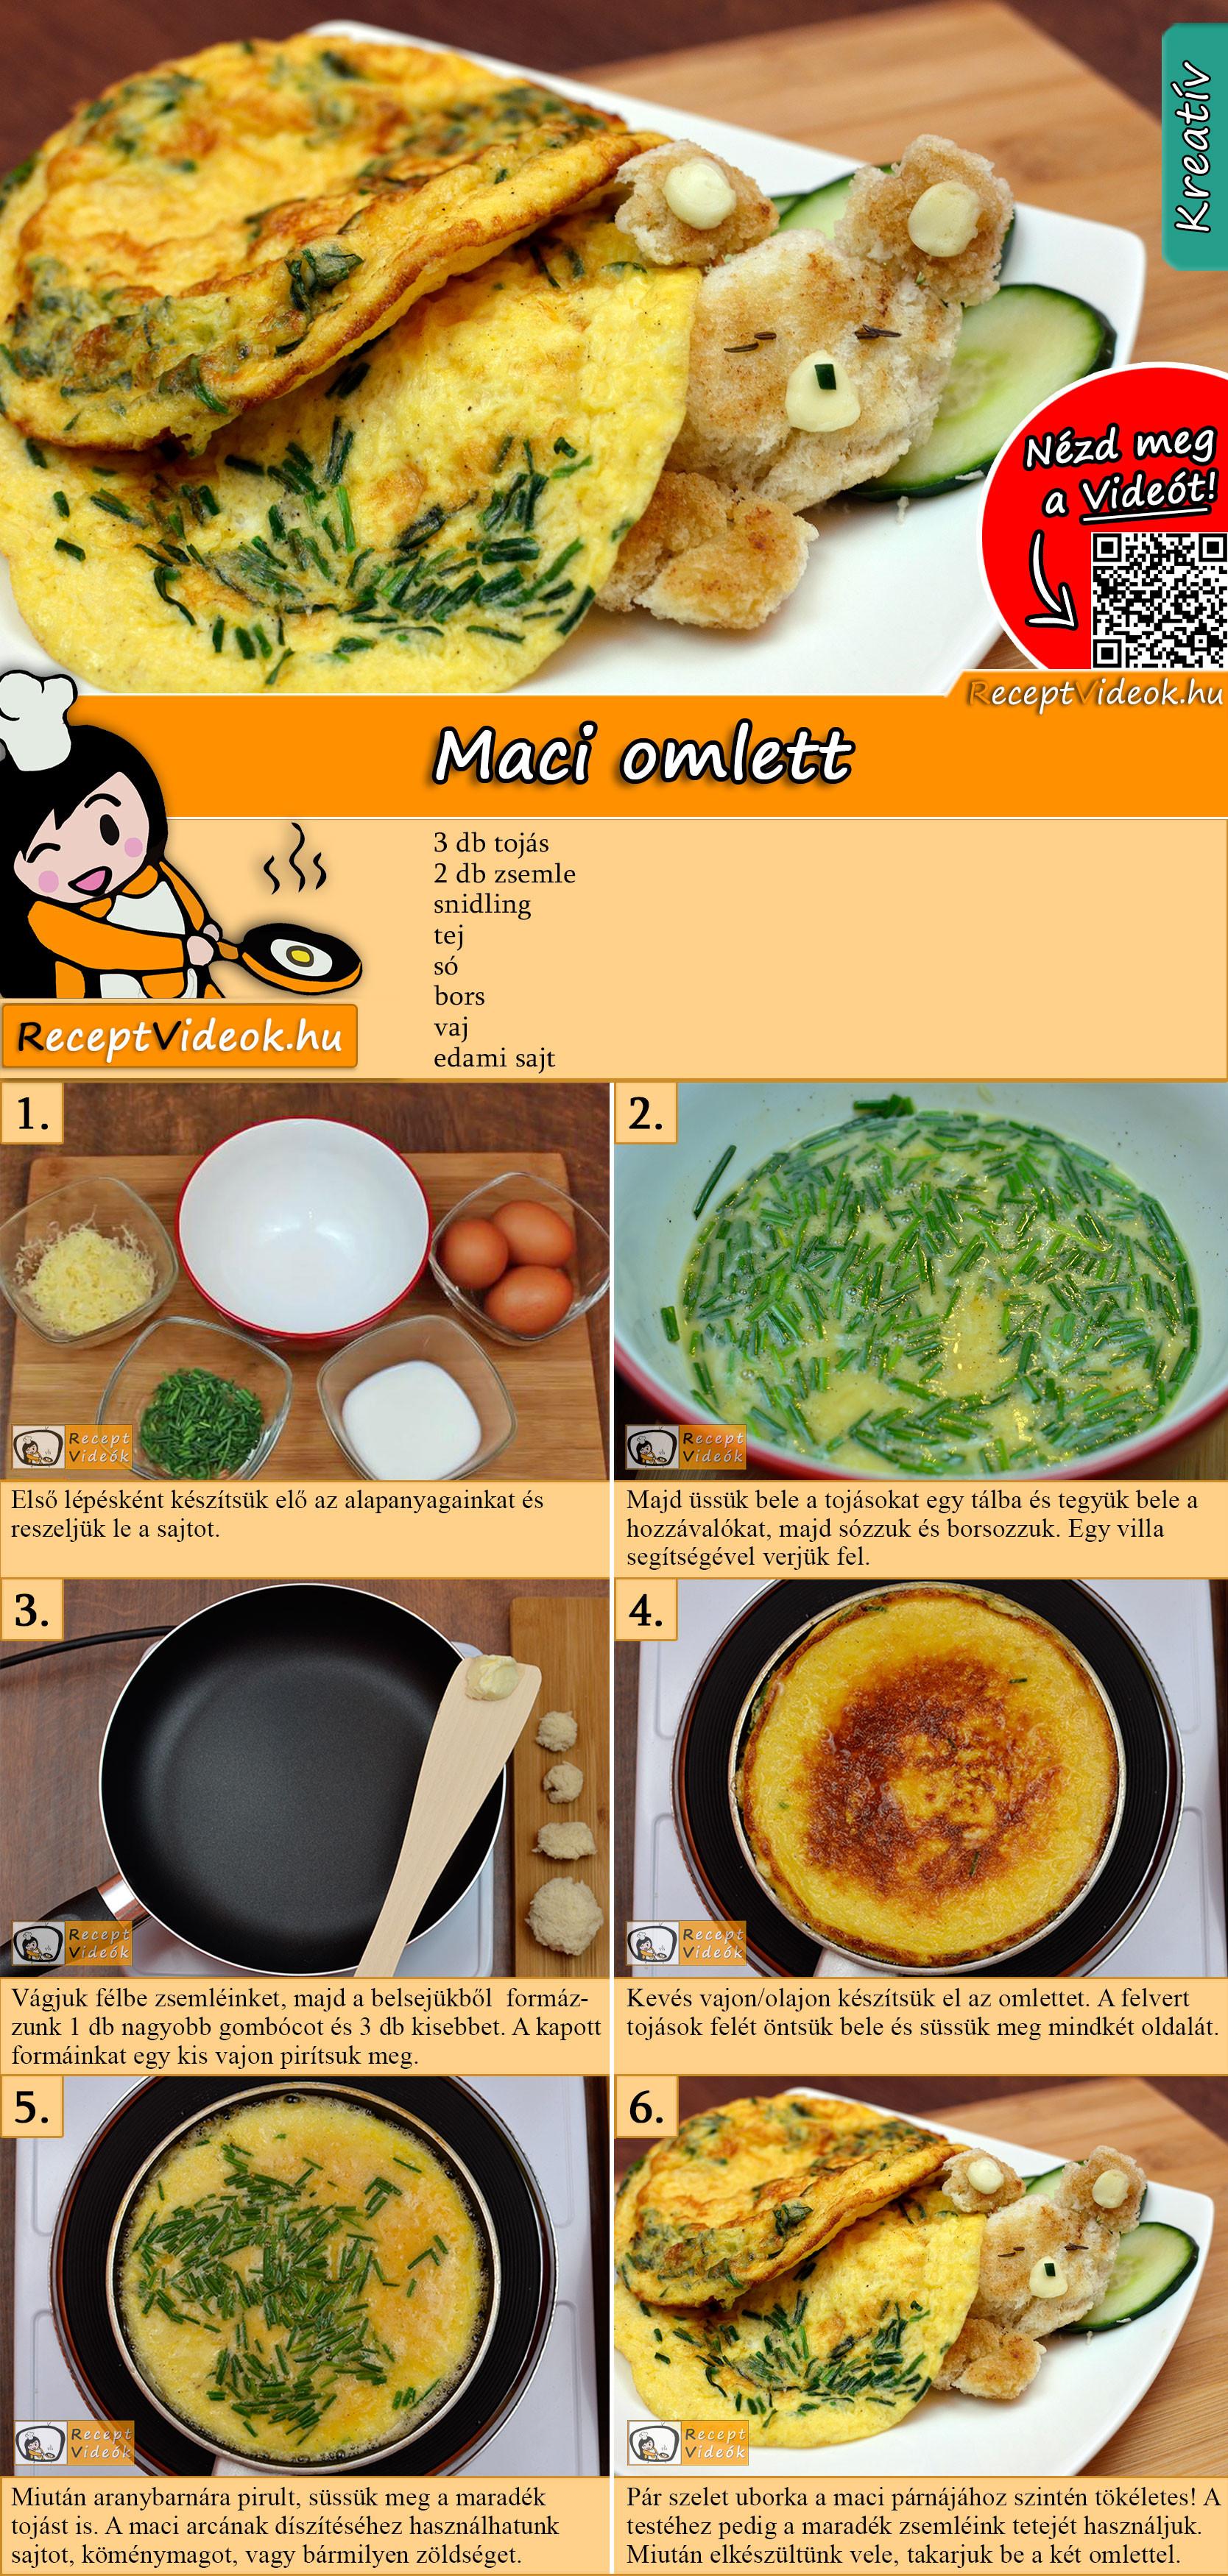 Maci omlett recept elkészítése videóval